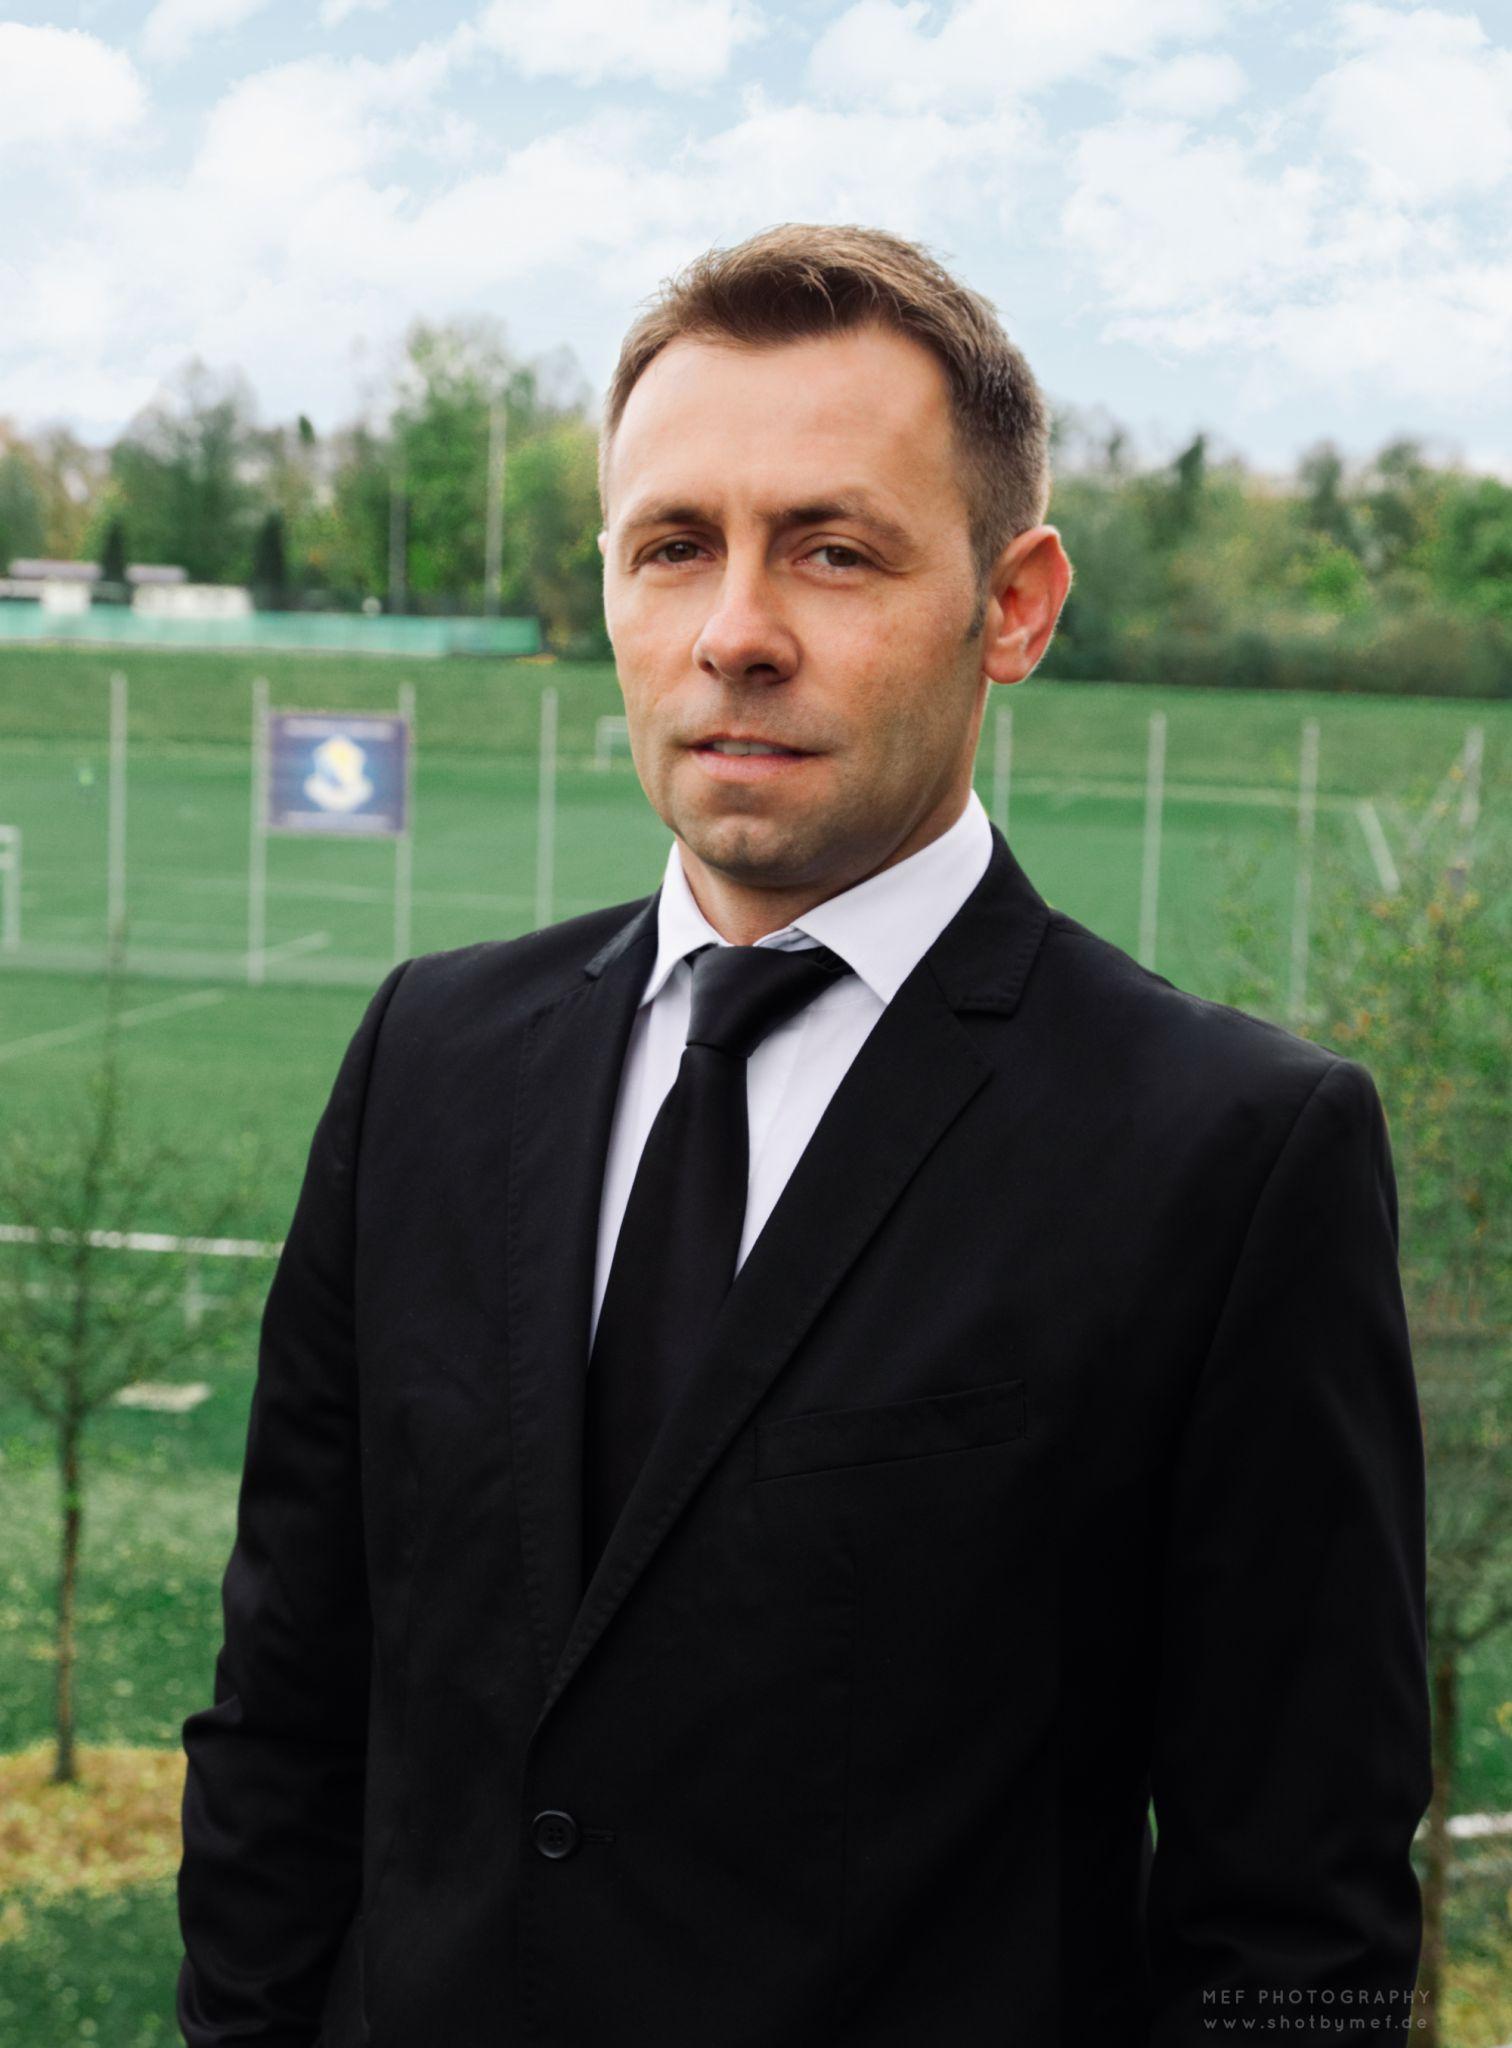 Edis Mulaosmanović (Präsident)